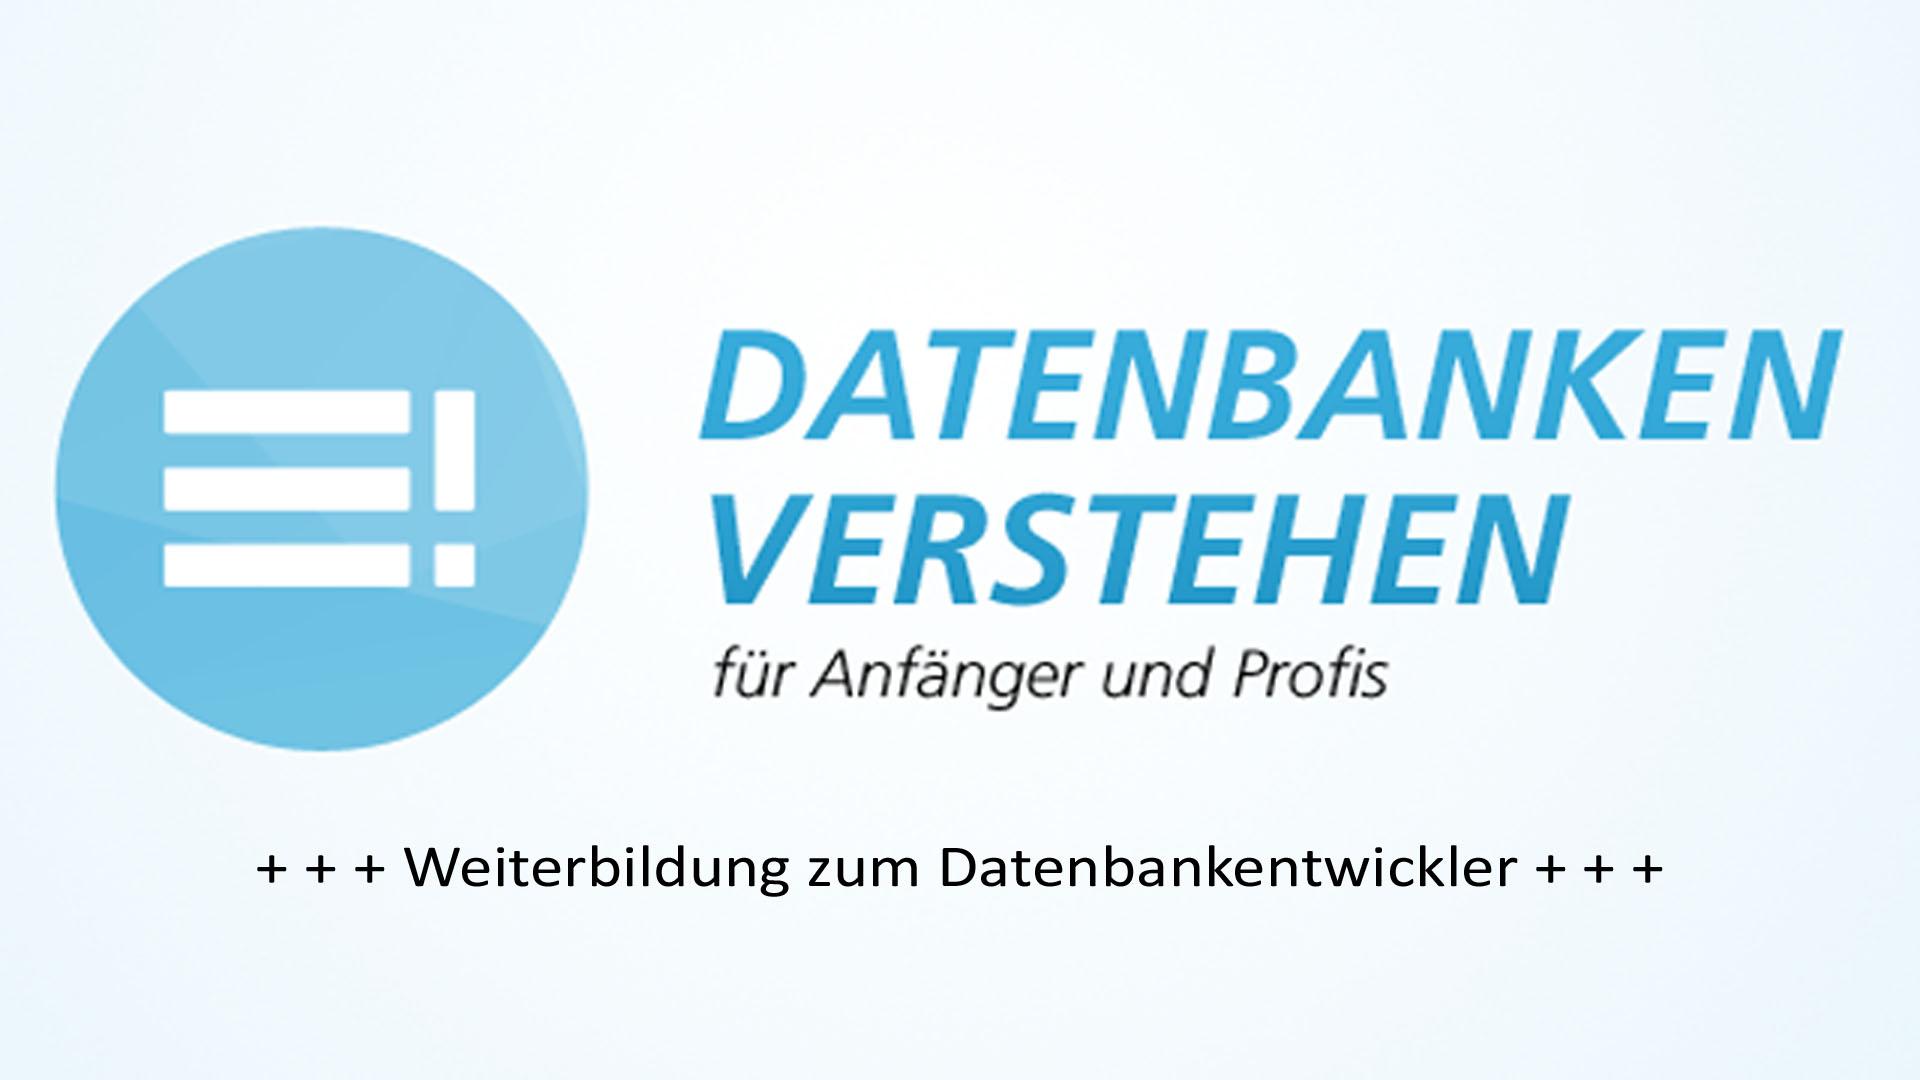 Weiterbildung zum Datenbankentwickler | Datenbank Blog